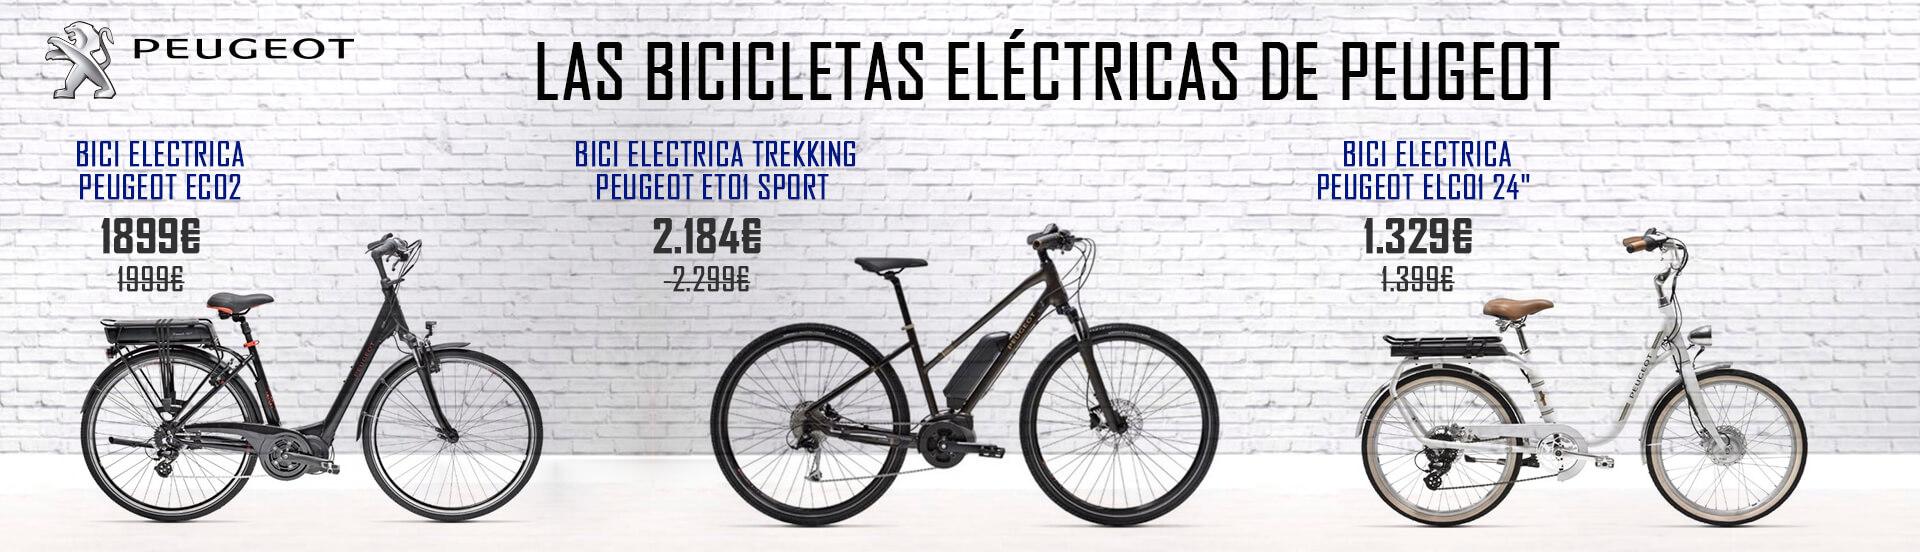 bicicletas_peugeot